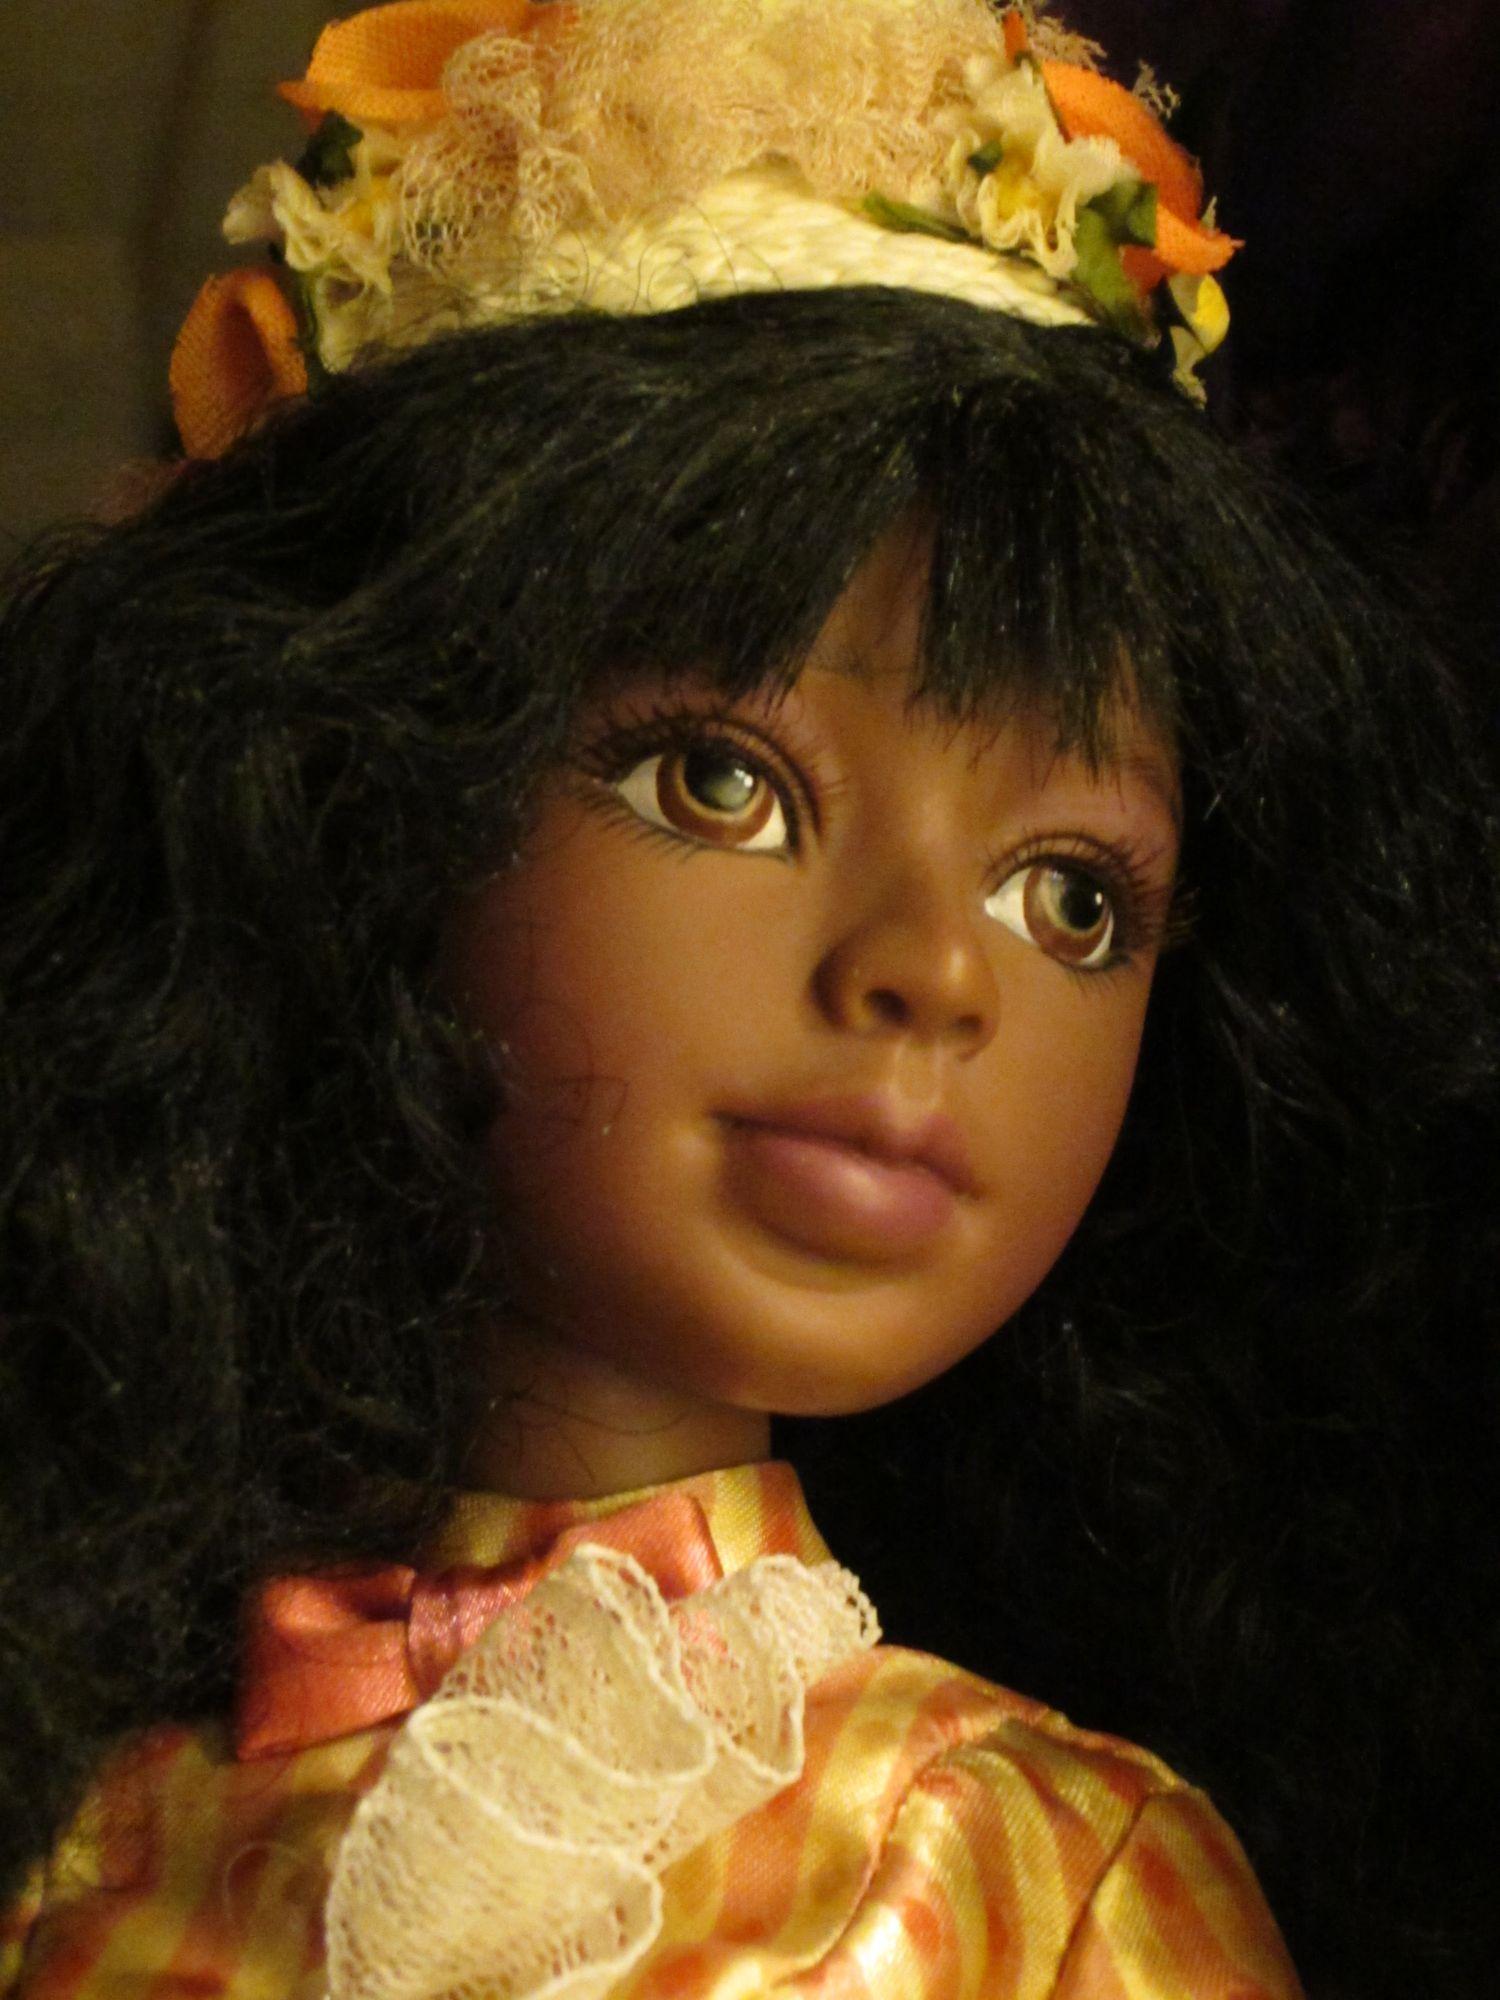 Les perles noires d'Idriss: Lizette, Lizelotte, Tah'ra et Napata .... 2012-02%20Napata%2003